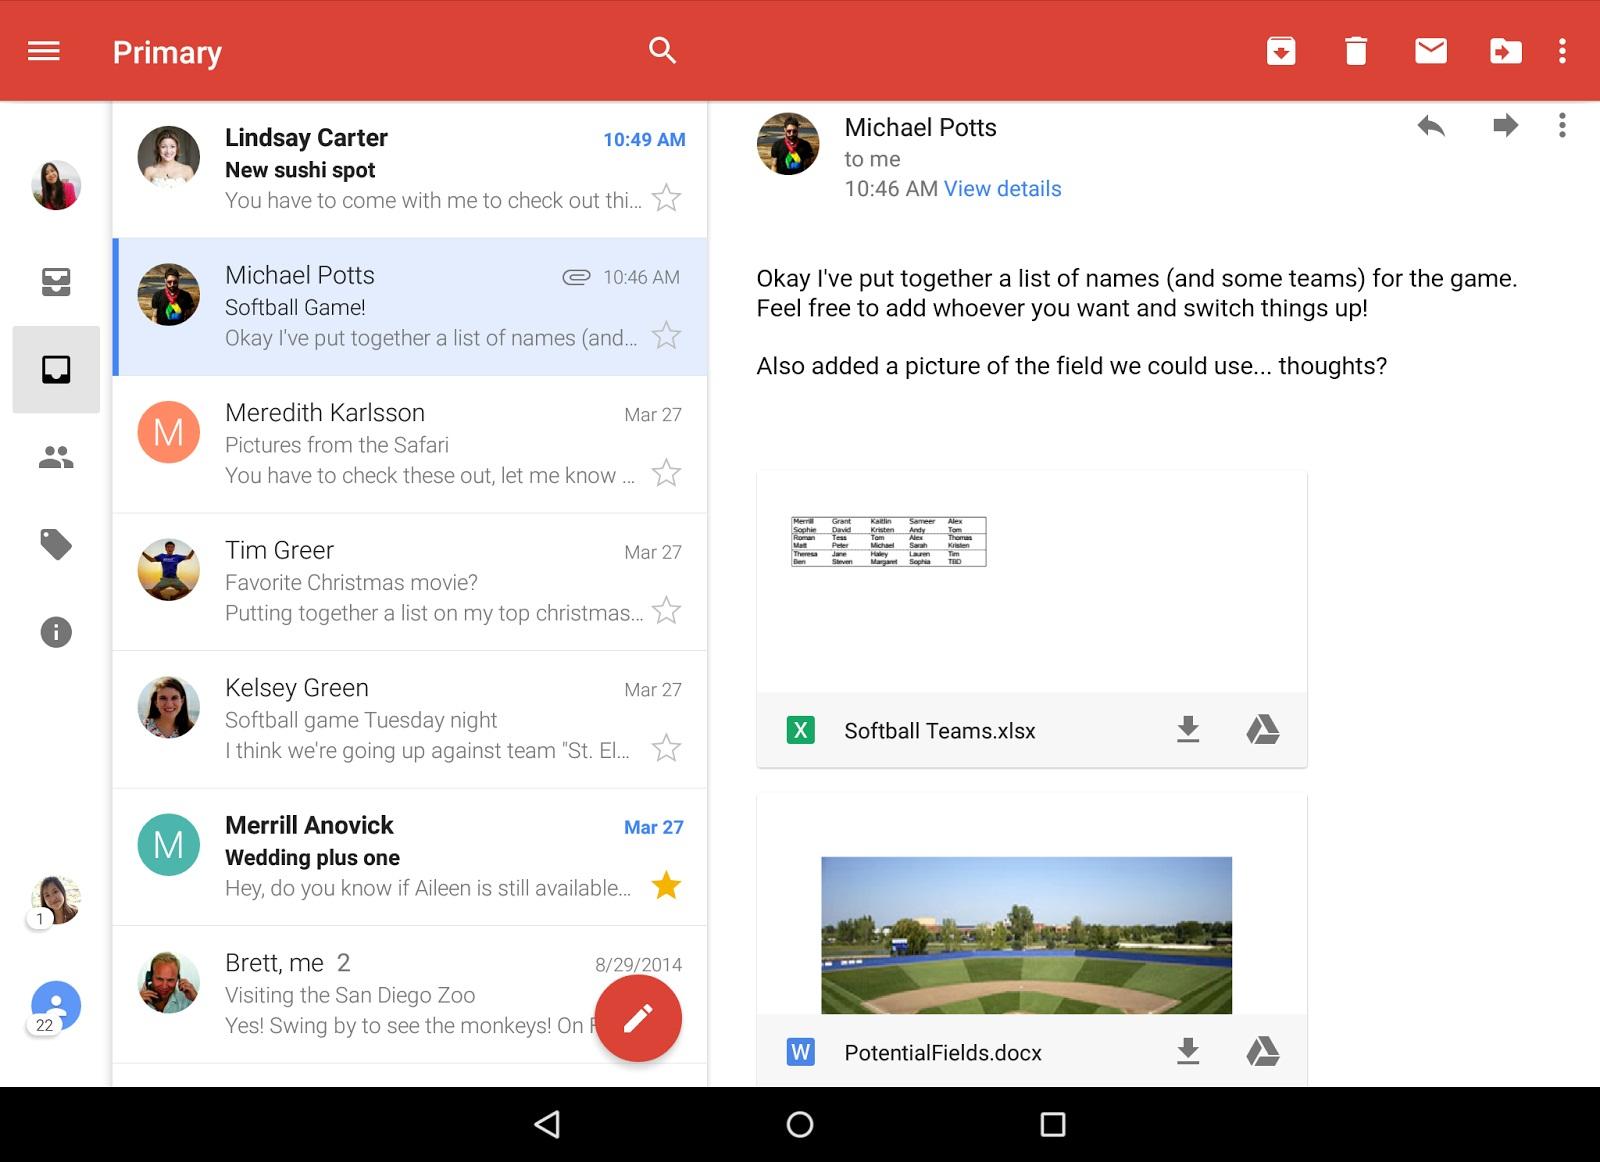 Gmail primeşte o actualizare care îi aduce Inbox unificat, căutare îmbunătăţită şi altele